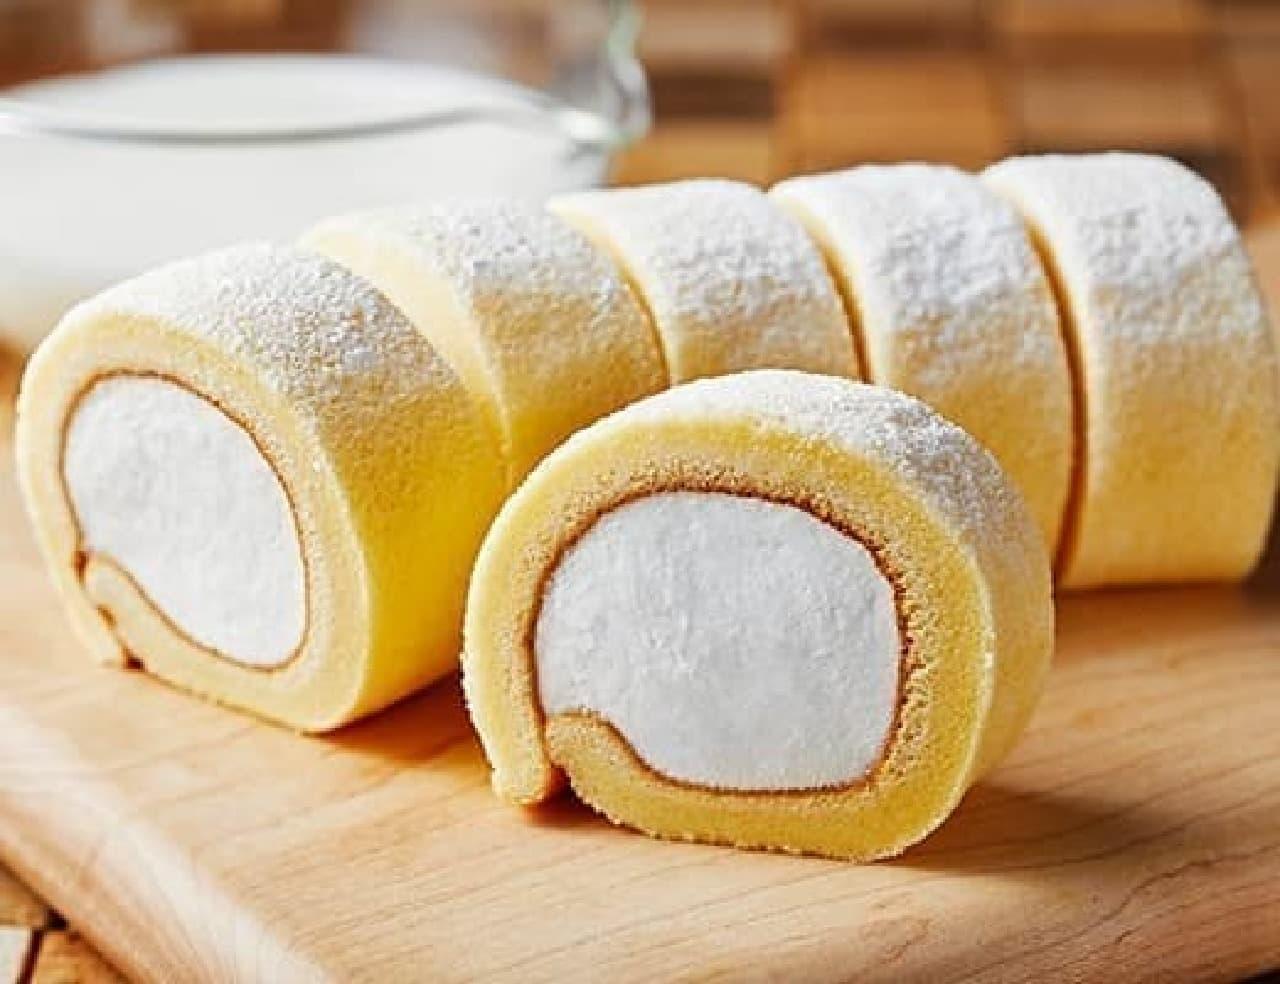 ローソン「もち食感ロール(北海道産生乳入りクリーム)」